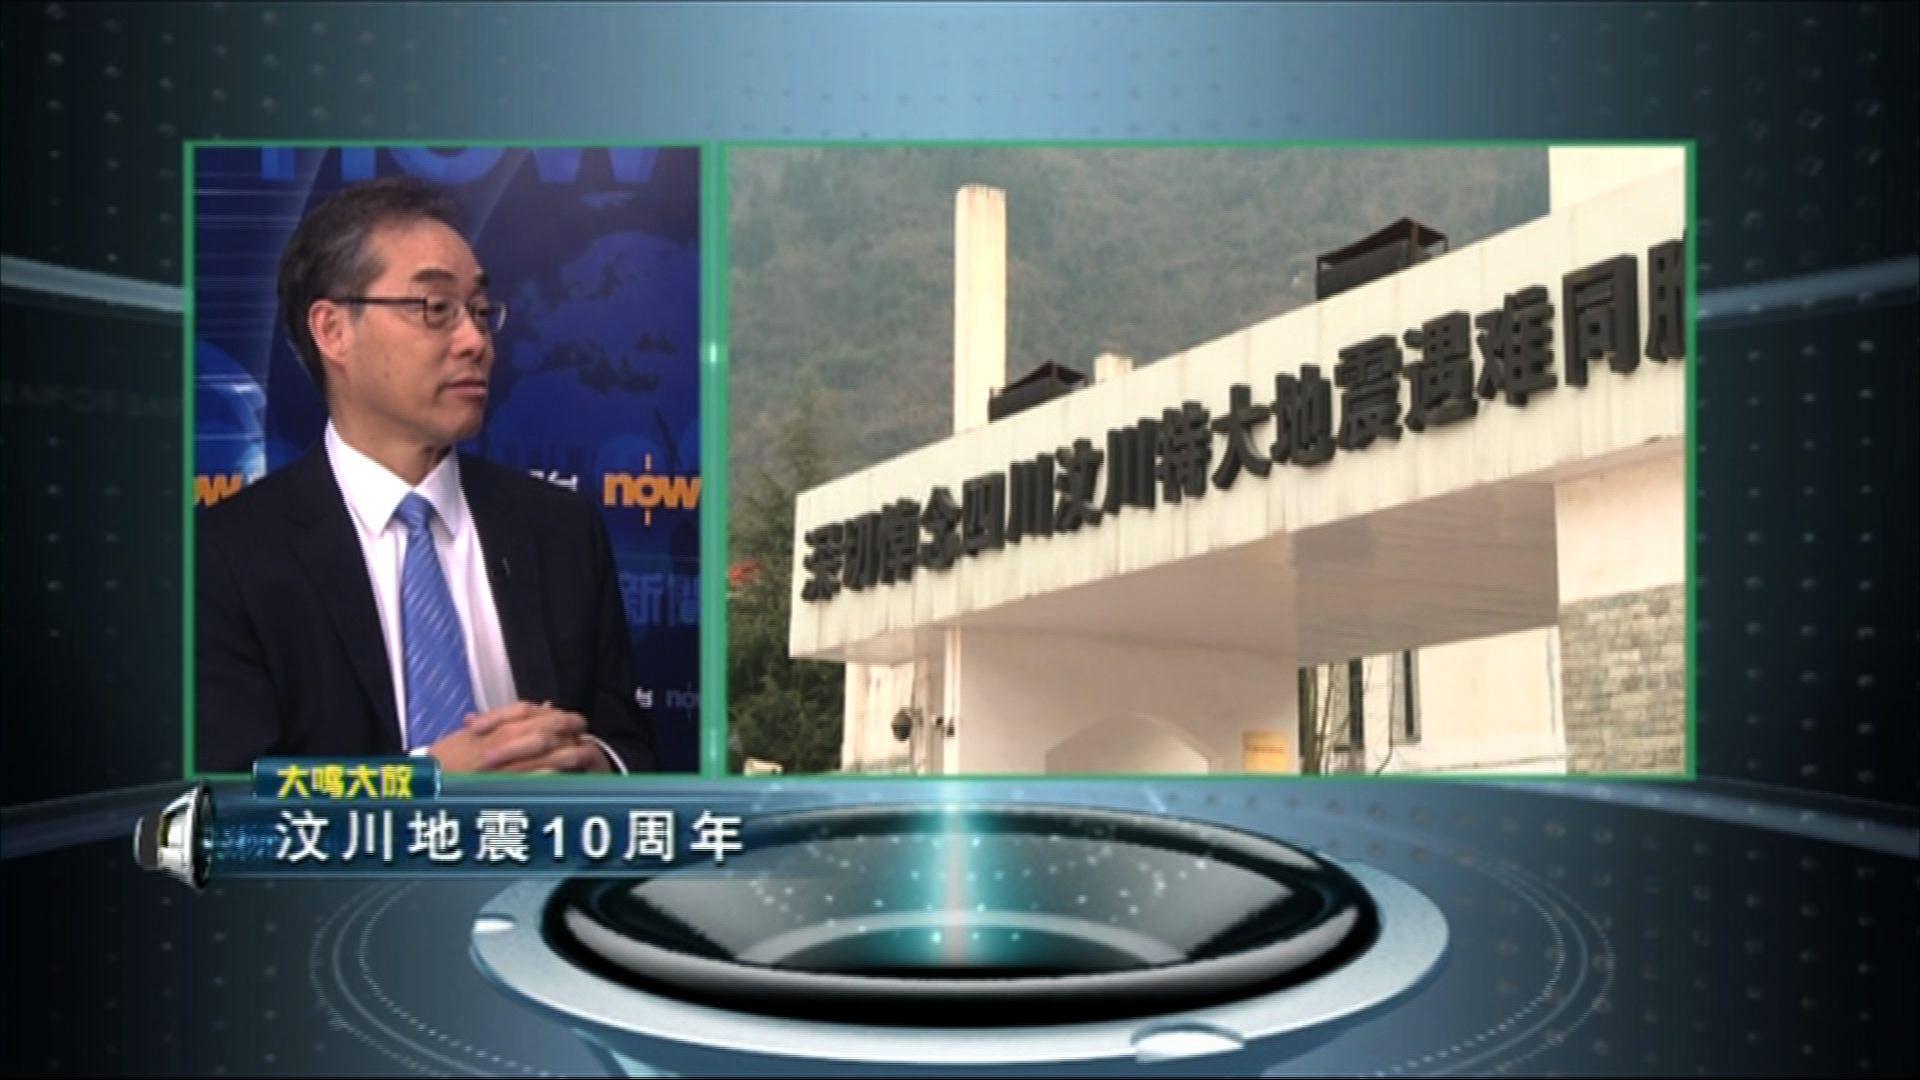 【大鳴大放】汶川地震10周年(二)